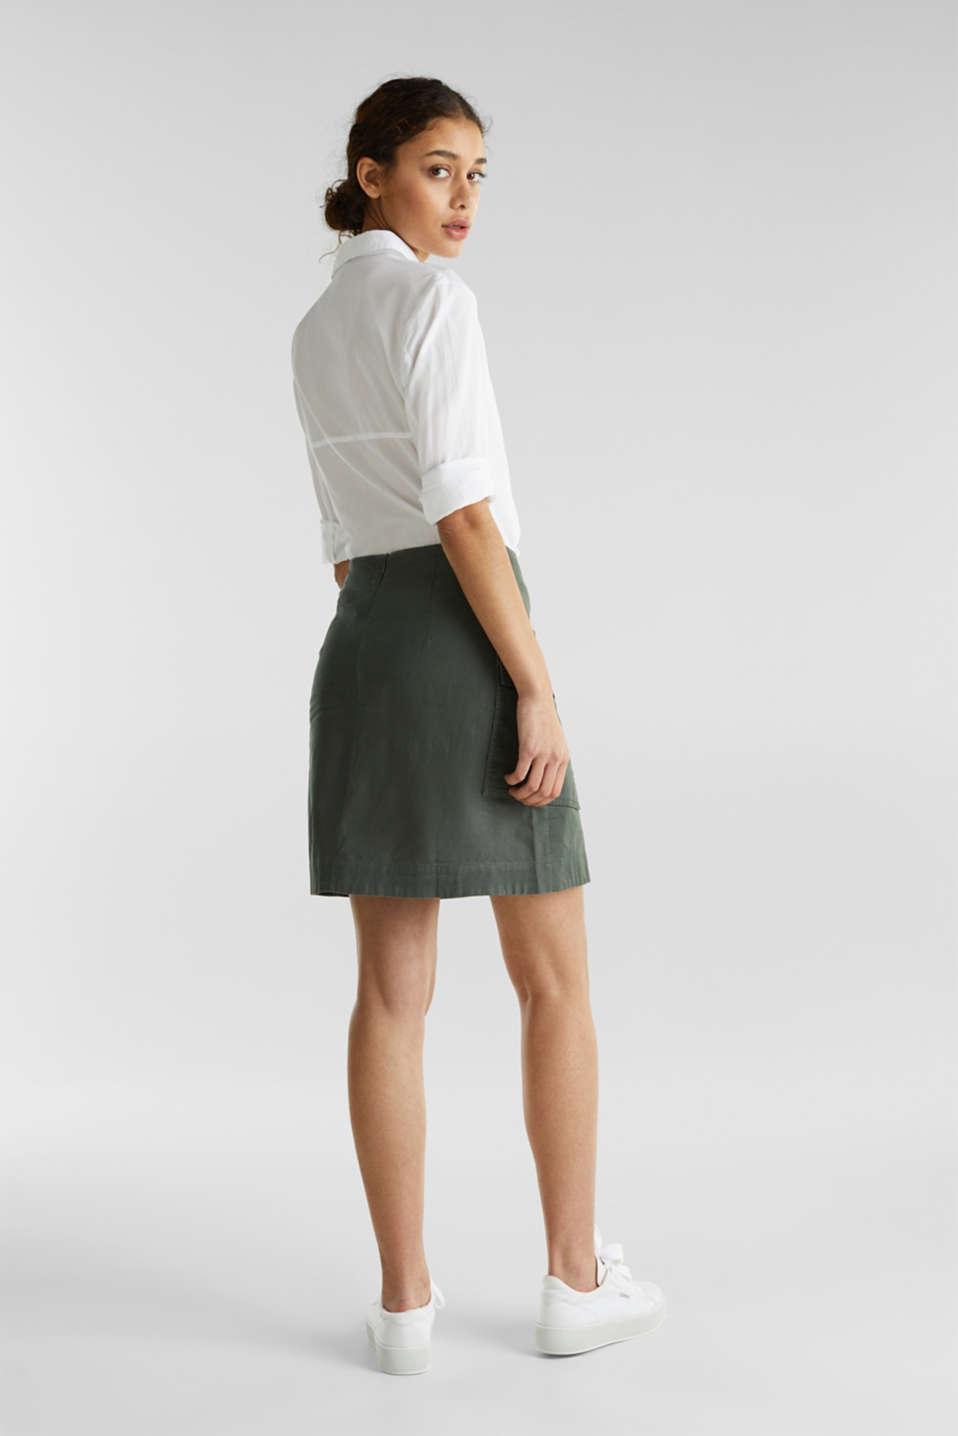 Cargo-style skirt in blended linen, KHAKI GREEN, detail image number 3